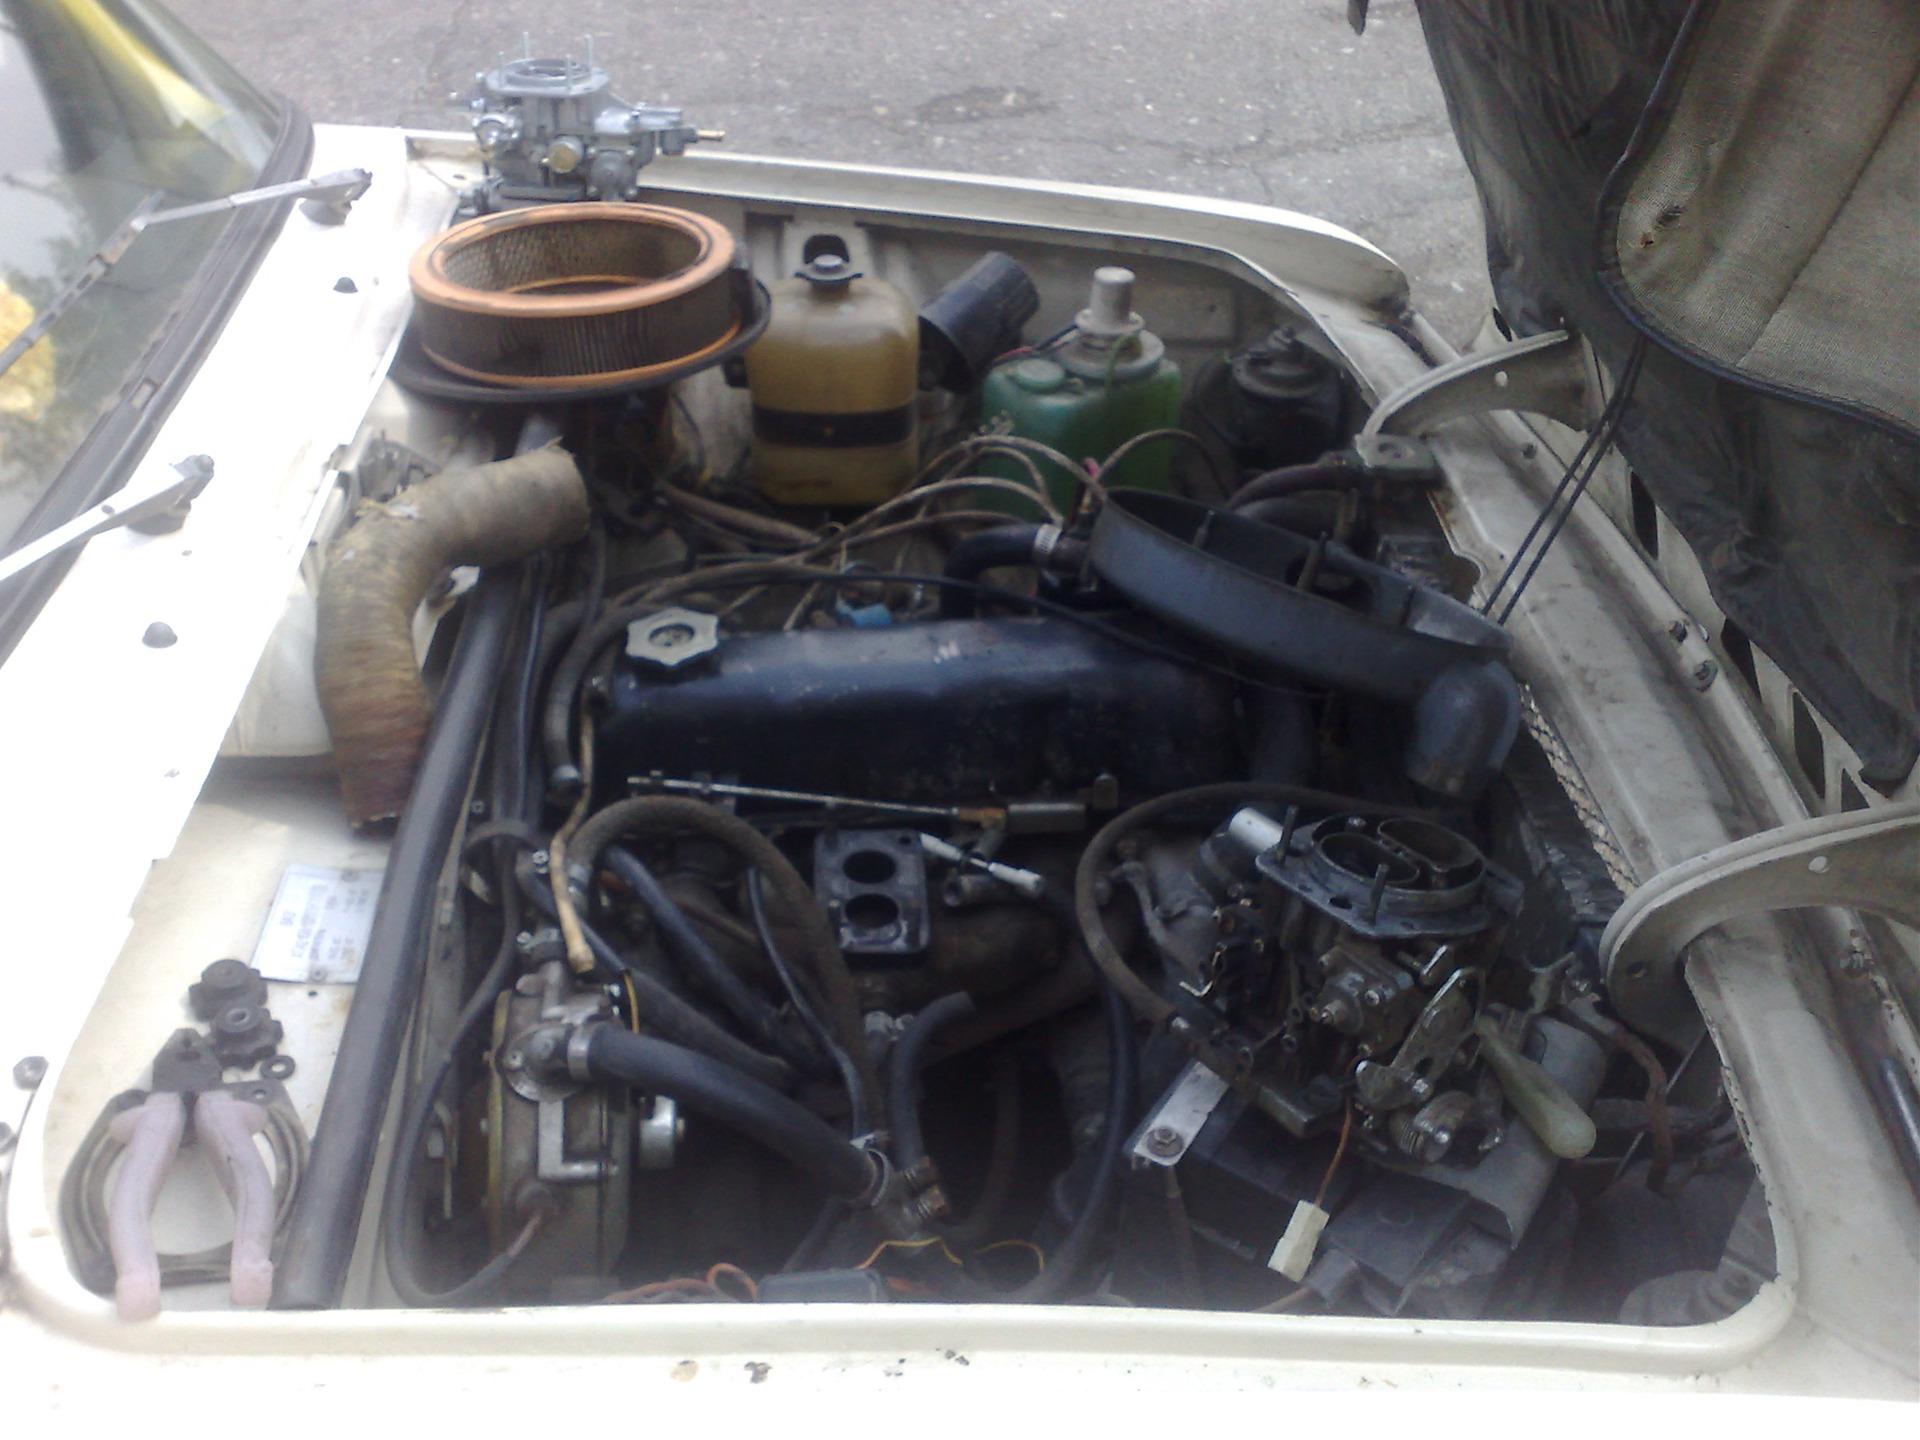 Ваз 2107 глохнет карбюраторный двигатель на холостых оборотах